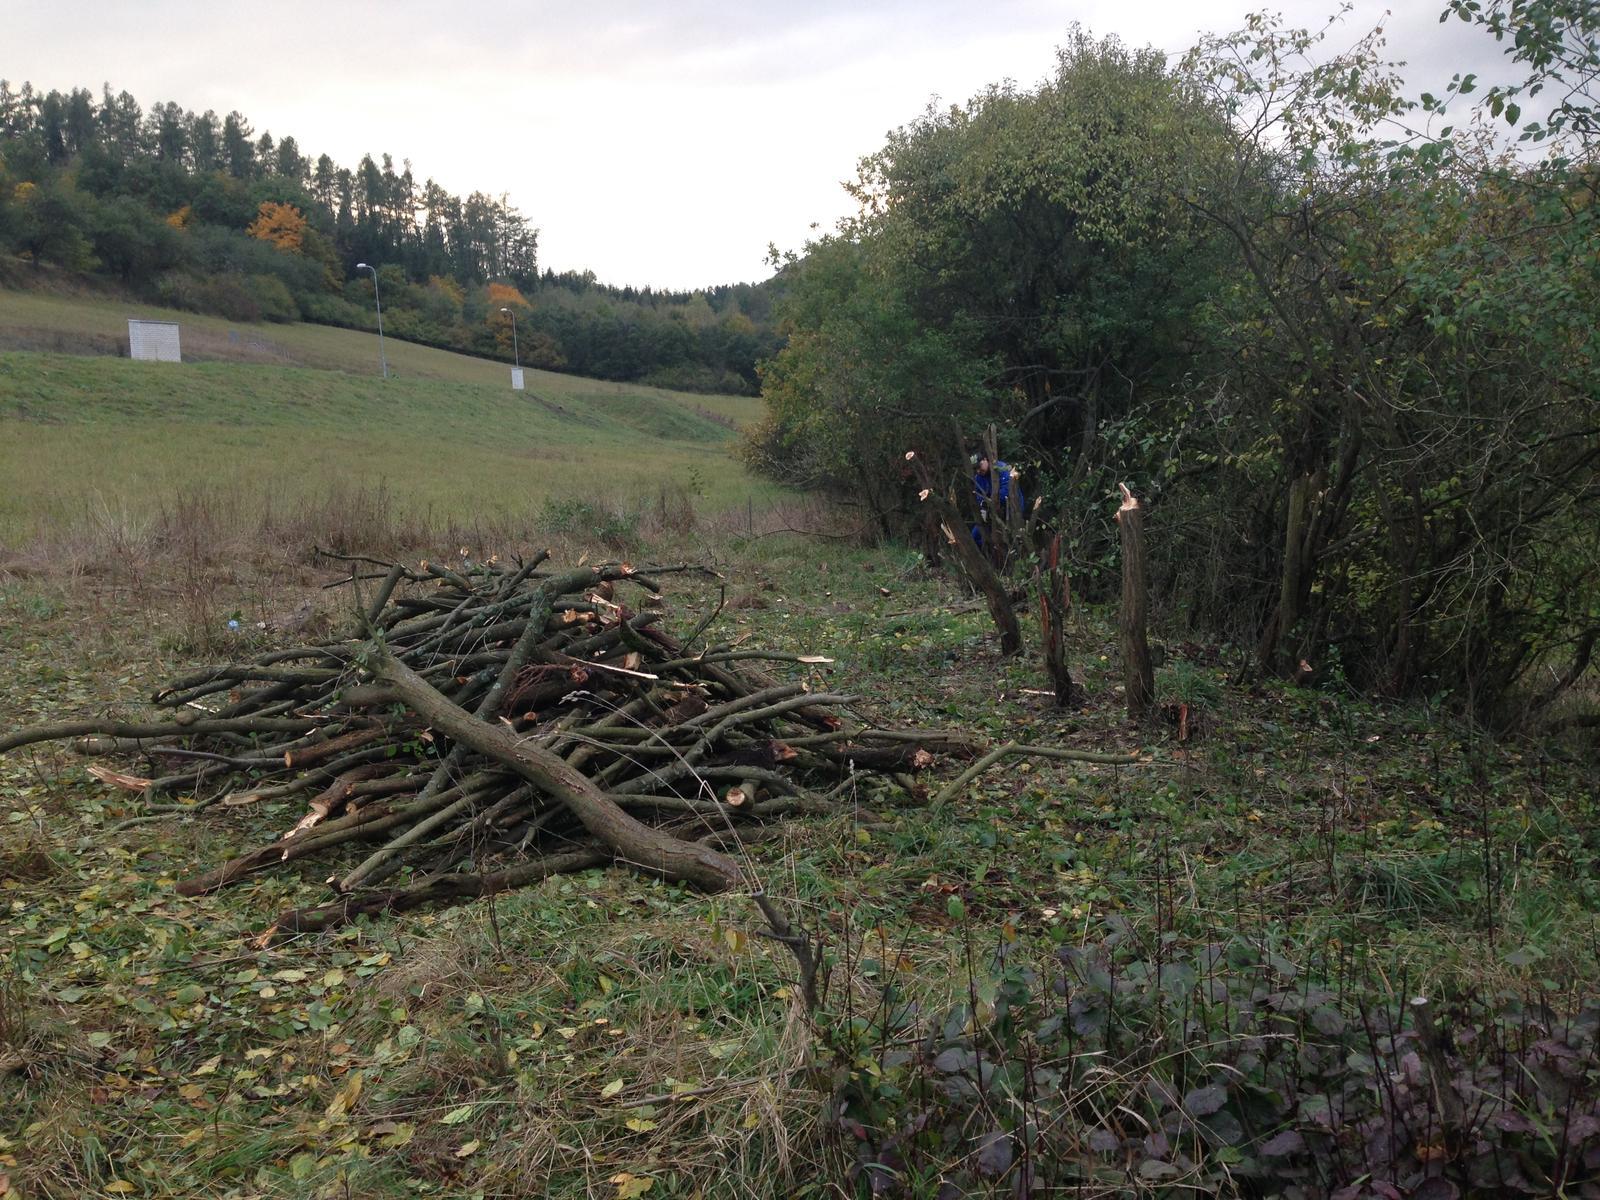 Zhyň ty trnko roztahovačná, aneb pokořili jsme náletové křoví, které ubíralo nejen našemu pozemku, ale i okolním vzrostlým dubům... - Obrázek č. 2